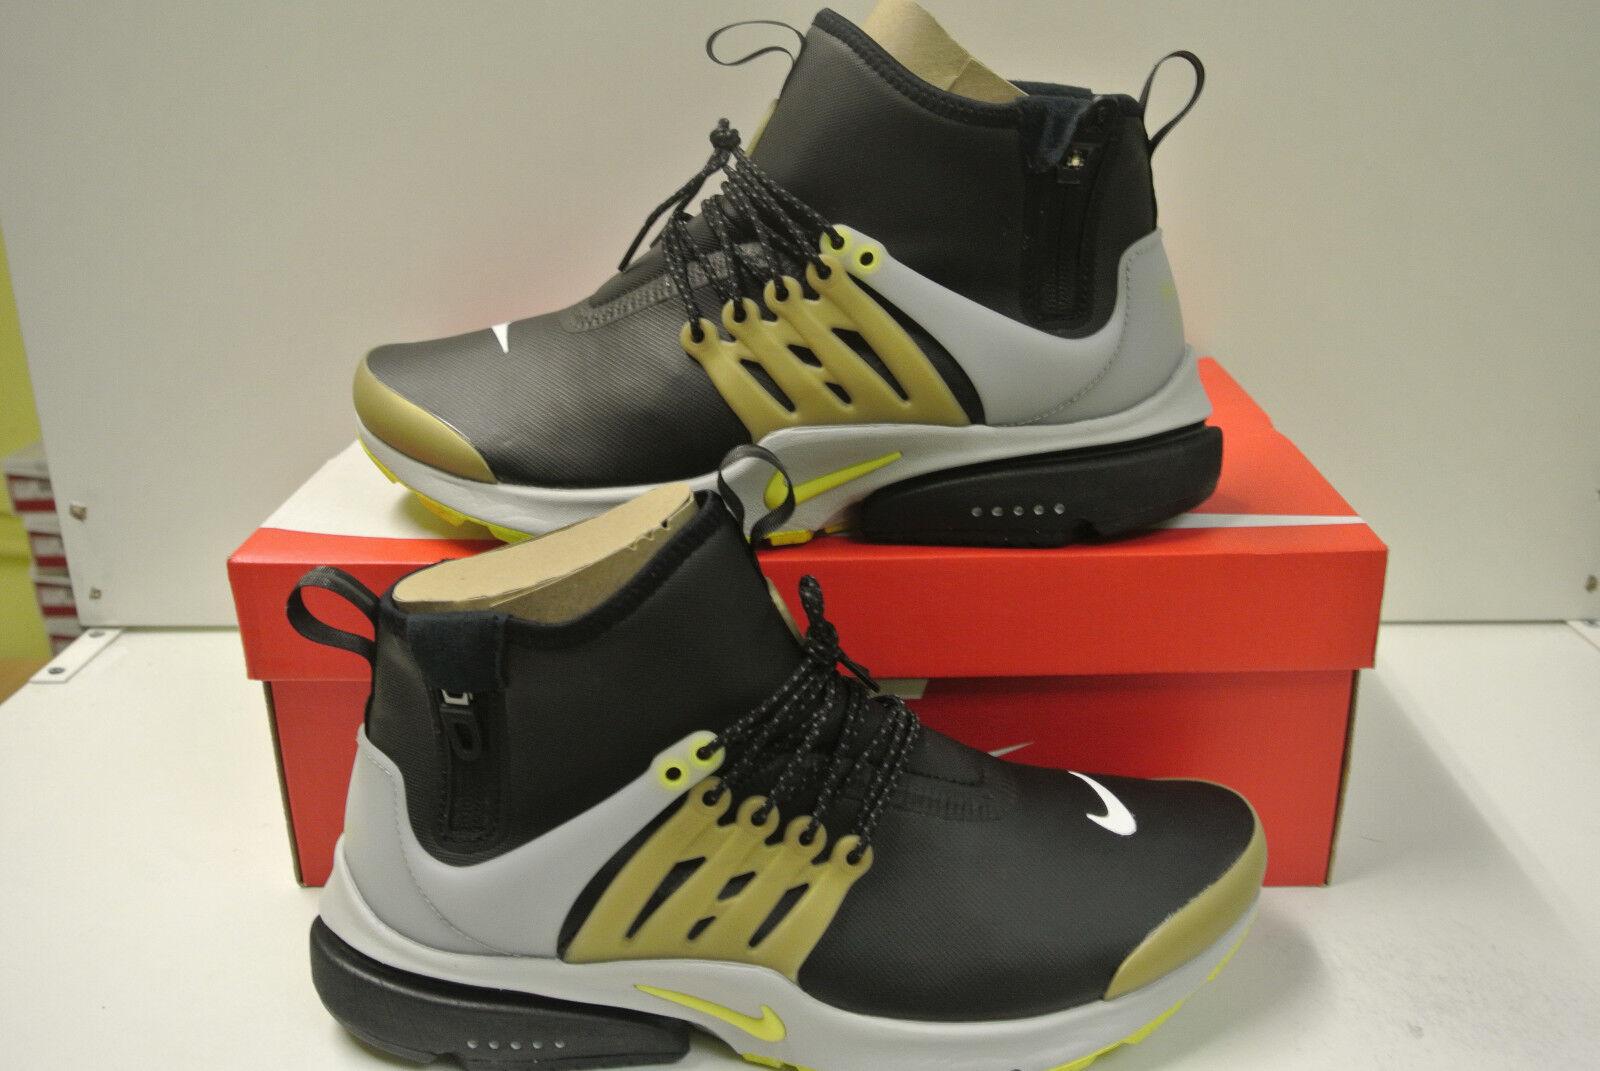 Nike Taille Air Presto Mi Utility Taille Nike au Choix Neuf et Emballage D'Origine 859524 606630